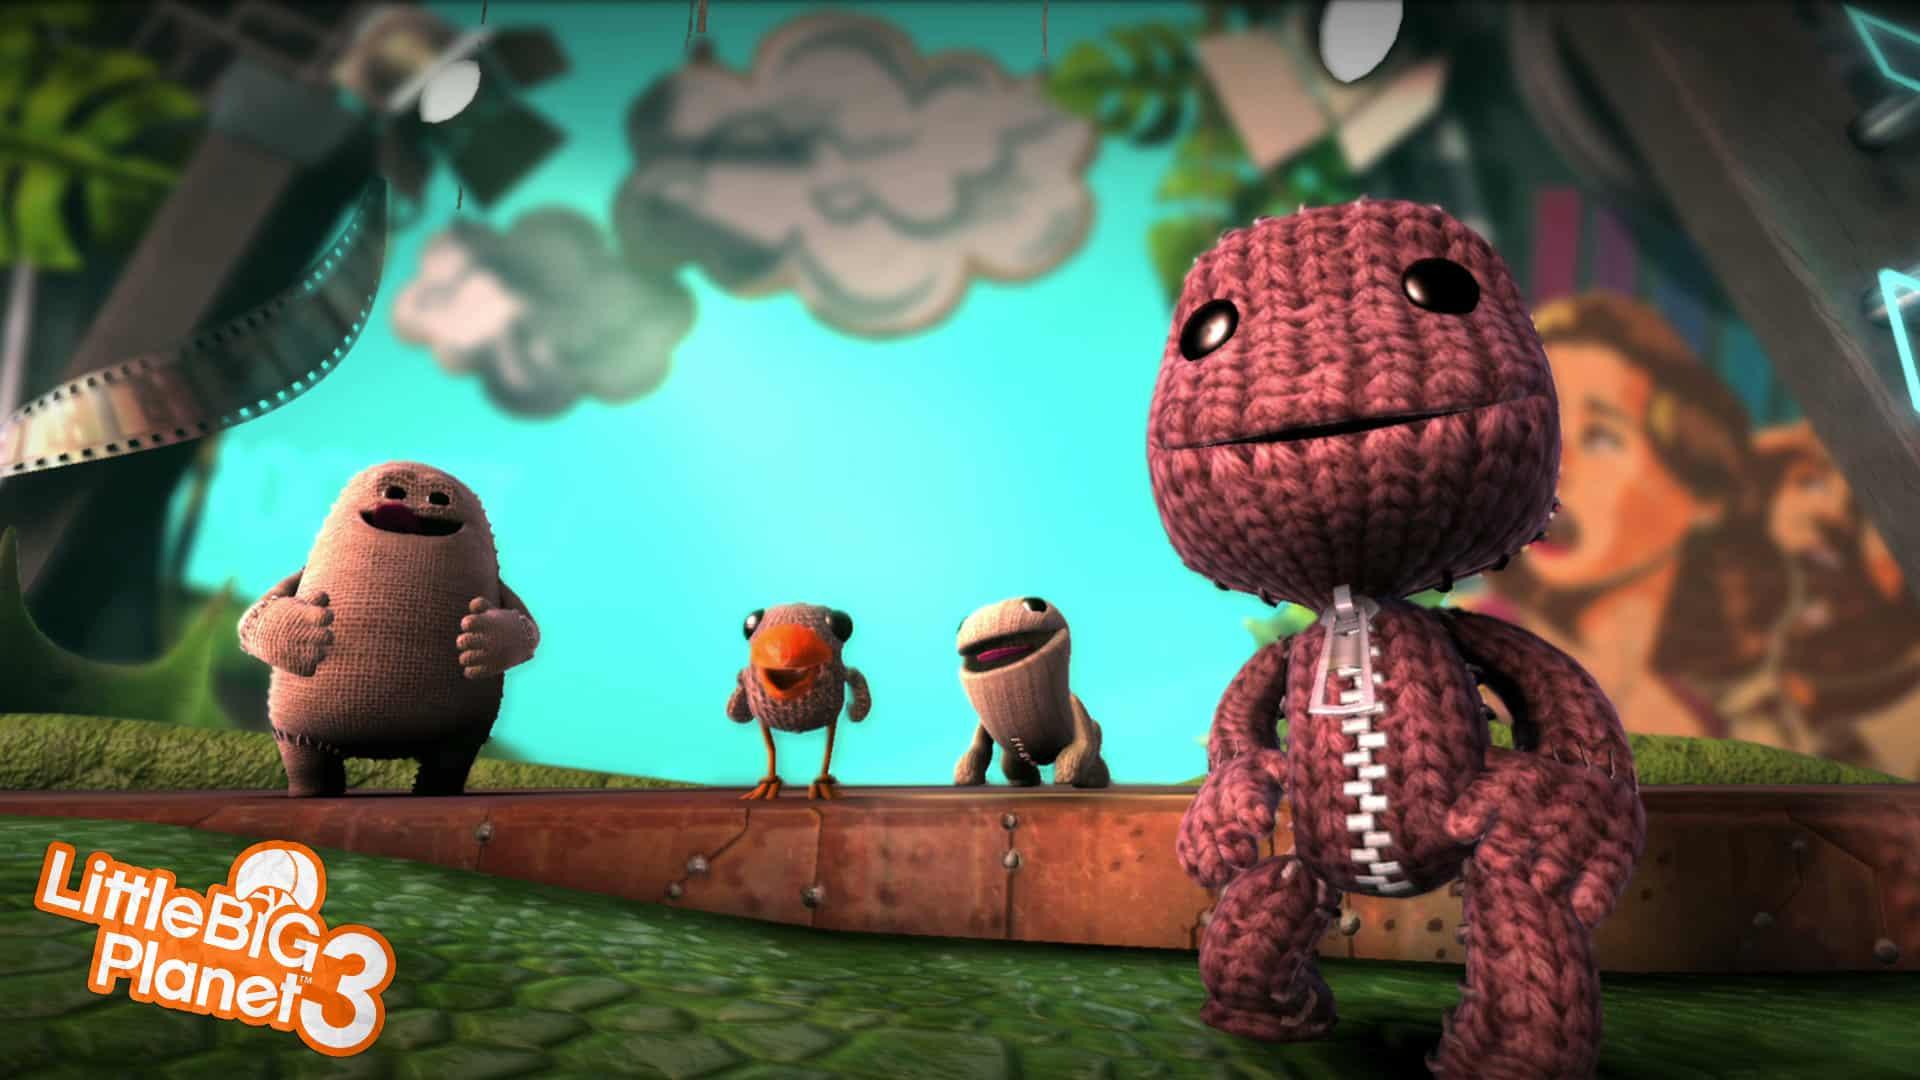 LittleBigPlanet 3 está disponible sólo para PS3 y PS4.